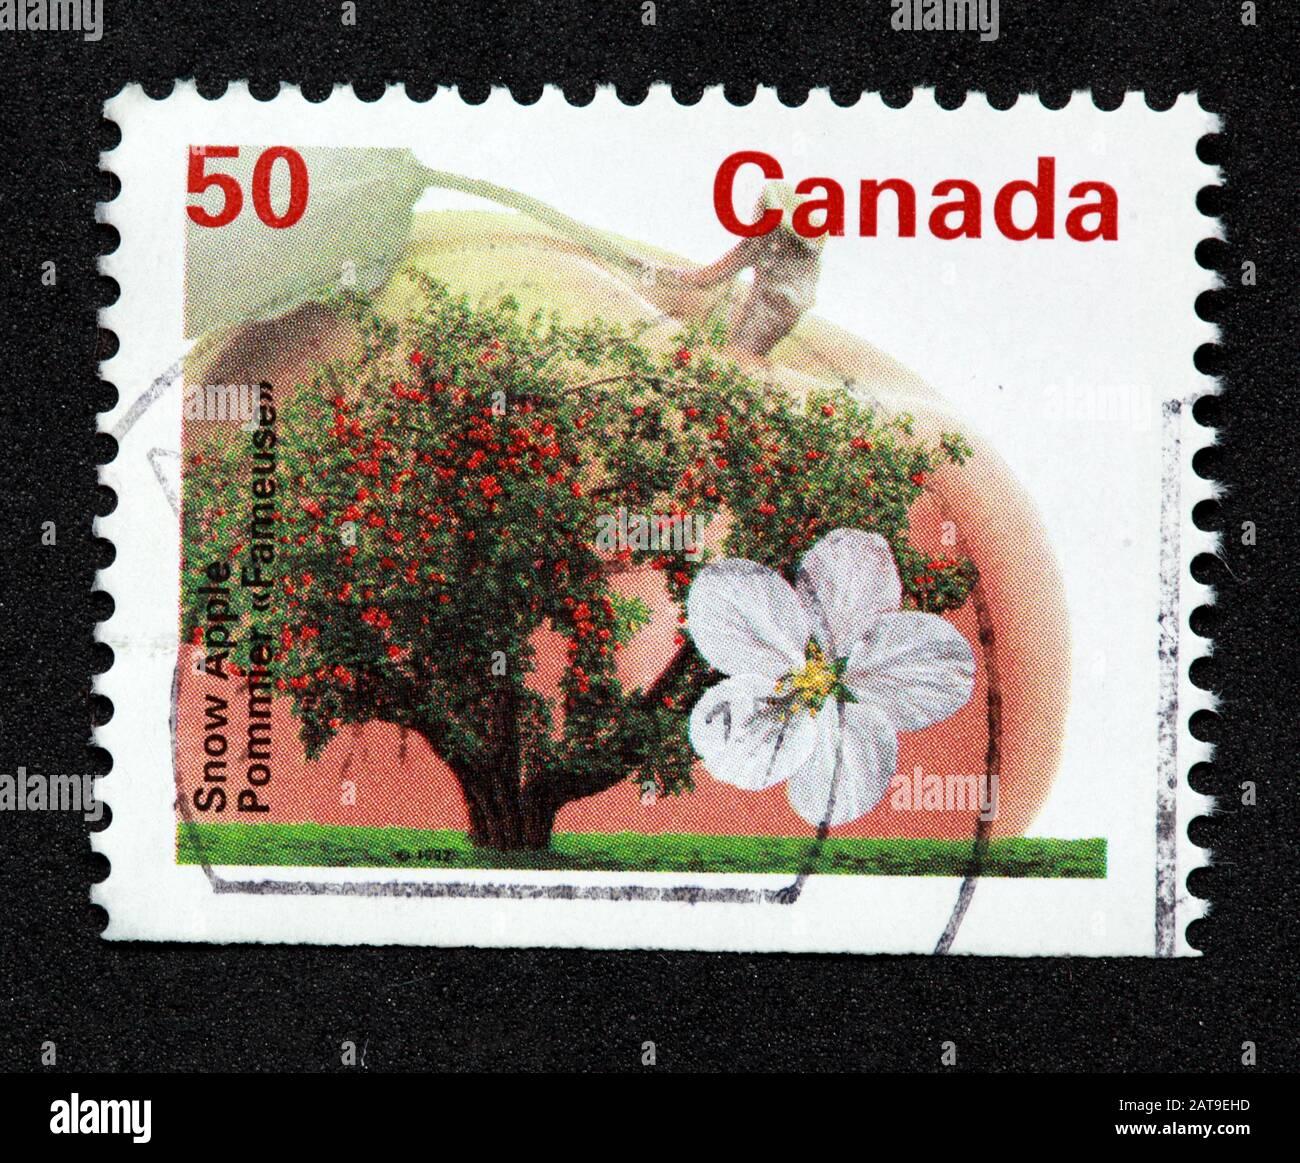 Dieses Stockfoto: Kanadische Briefmarke, Canada Stamp, Canada Post, gebrauchte Briefmarke, Kanada 50c,50cent, Schneeapfel,Blume,Baum - 2AT9EH